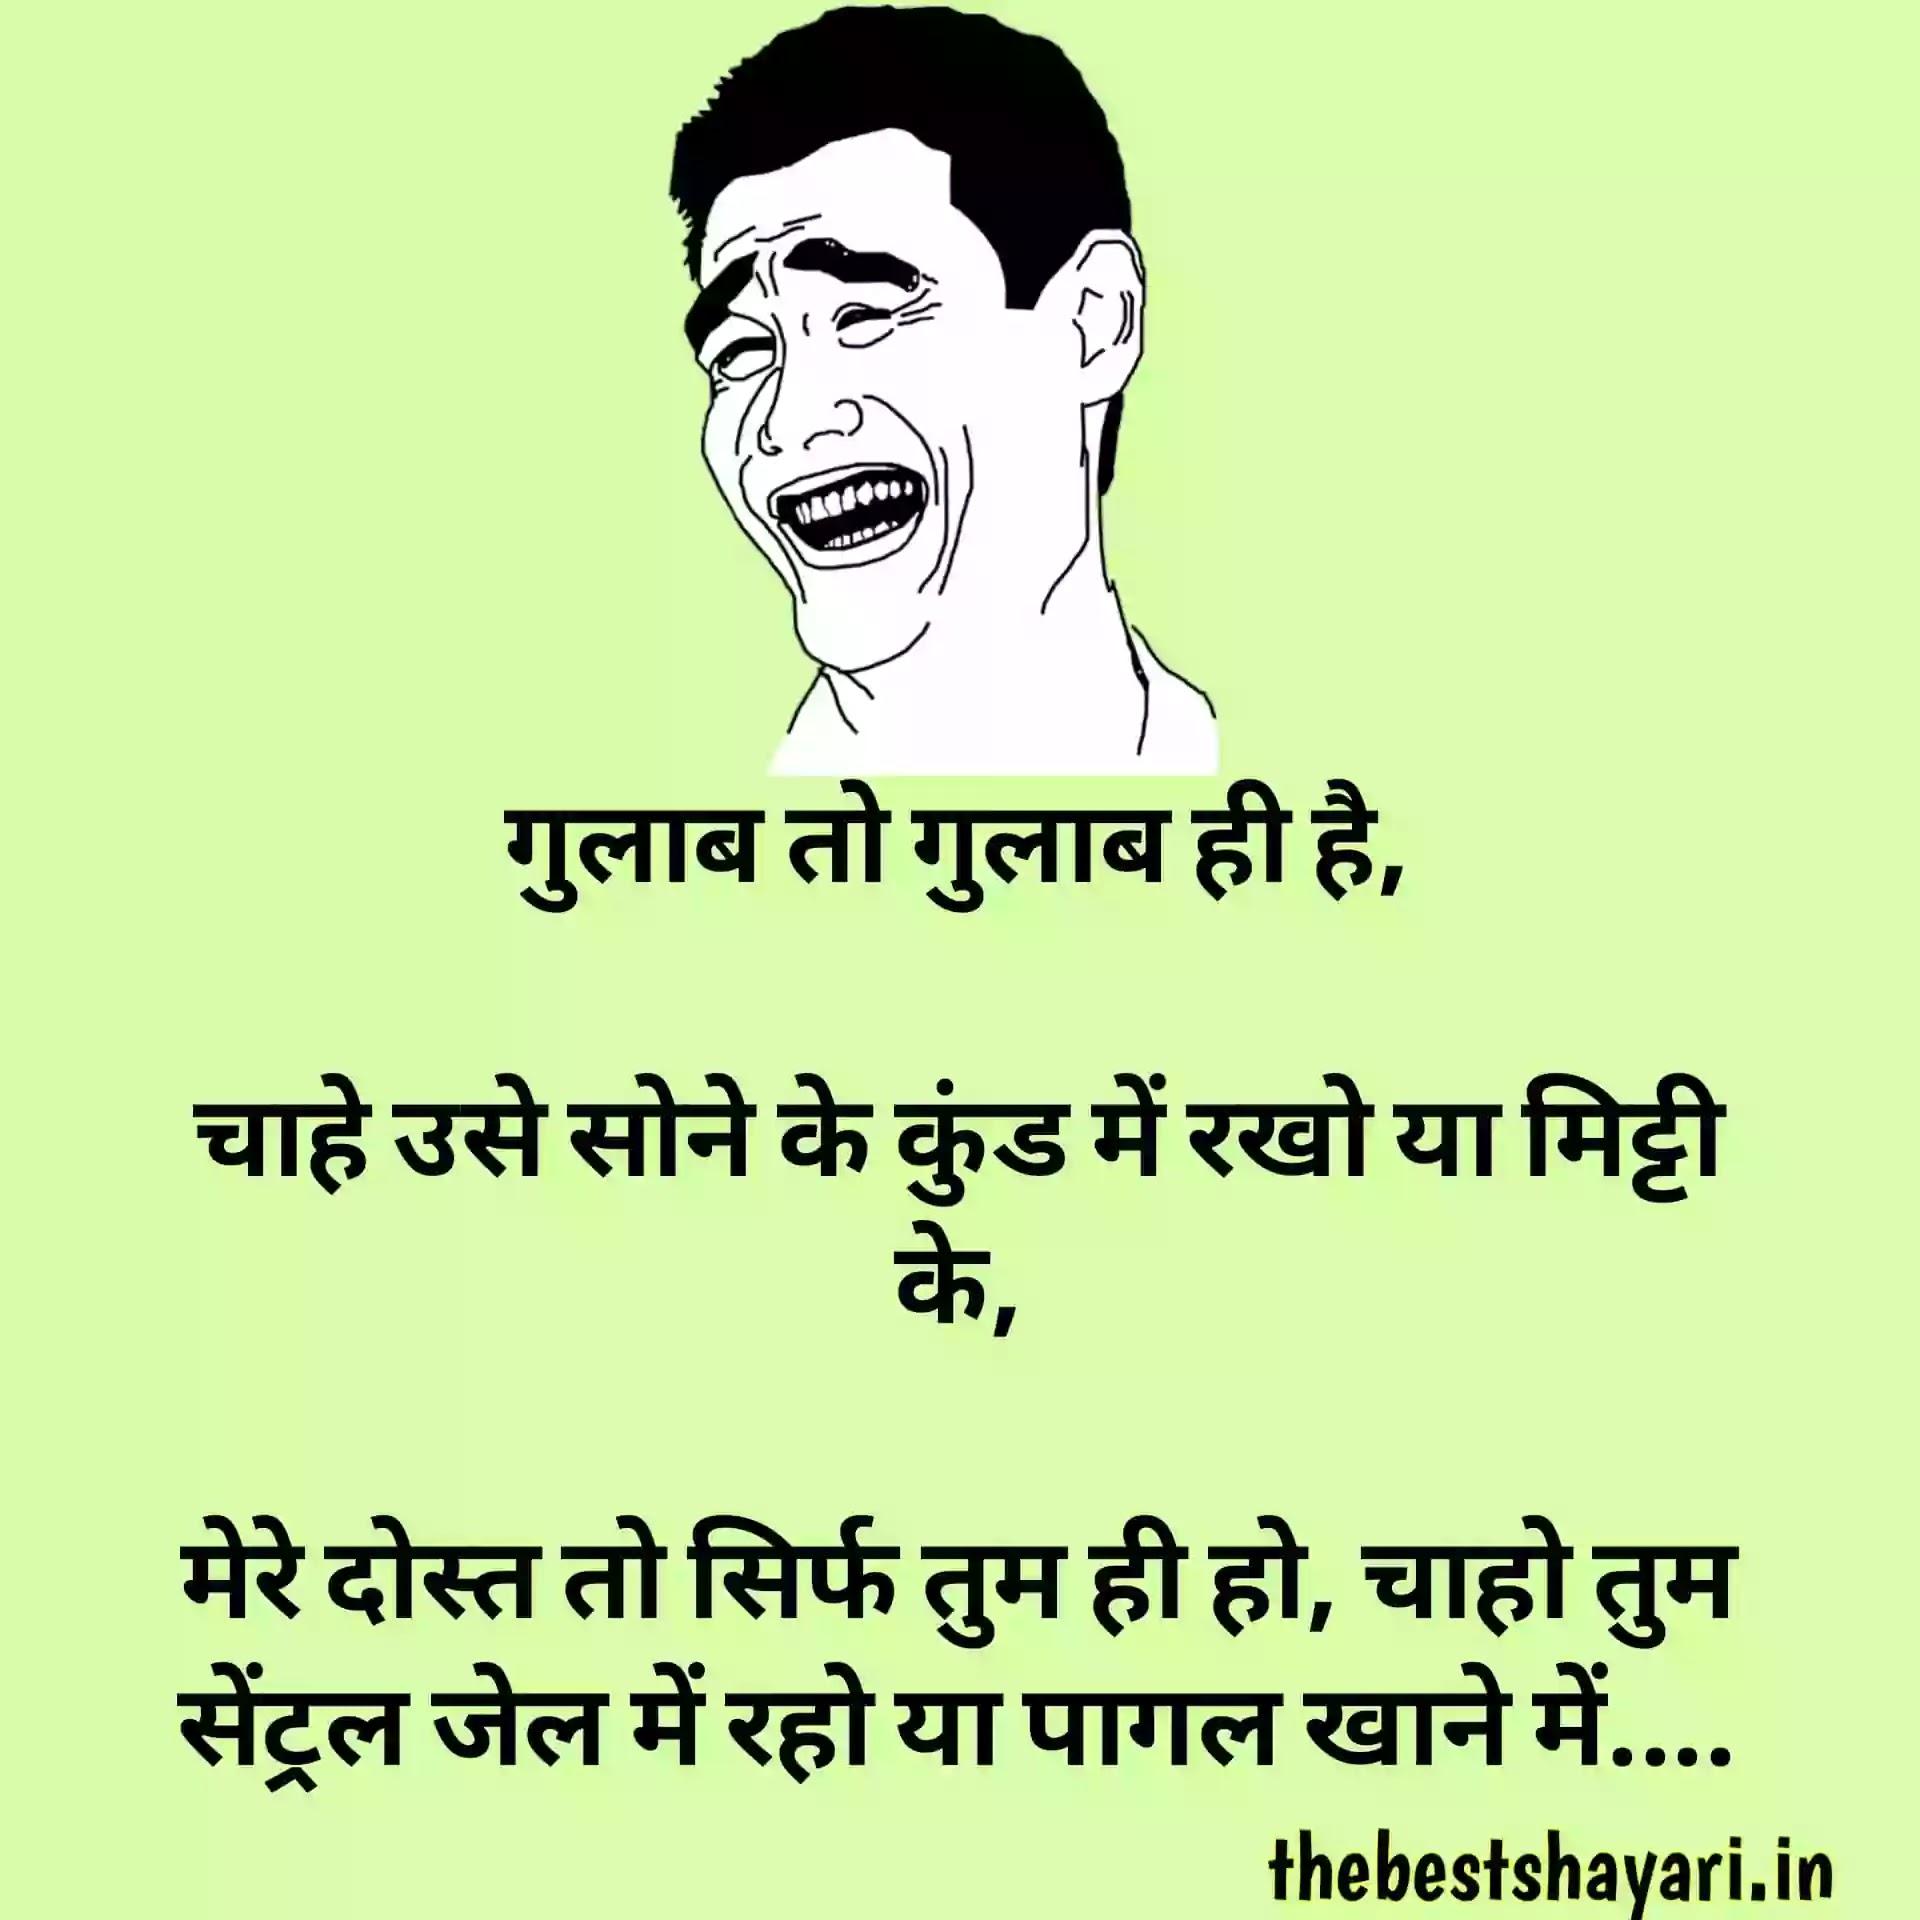 Friends jokes Hindi